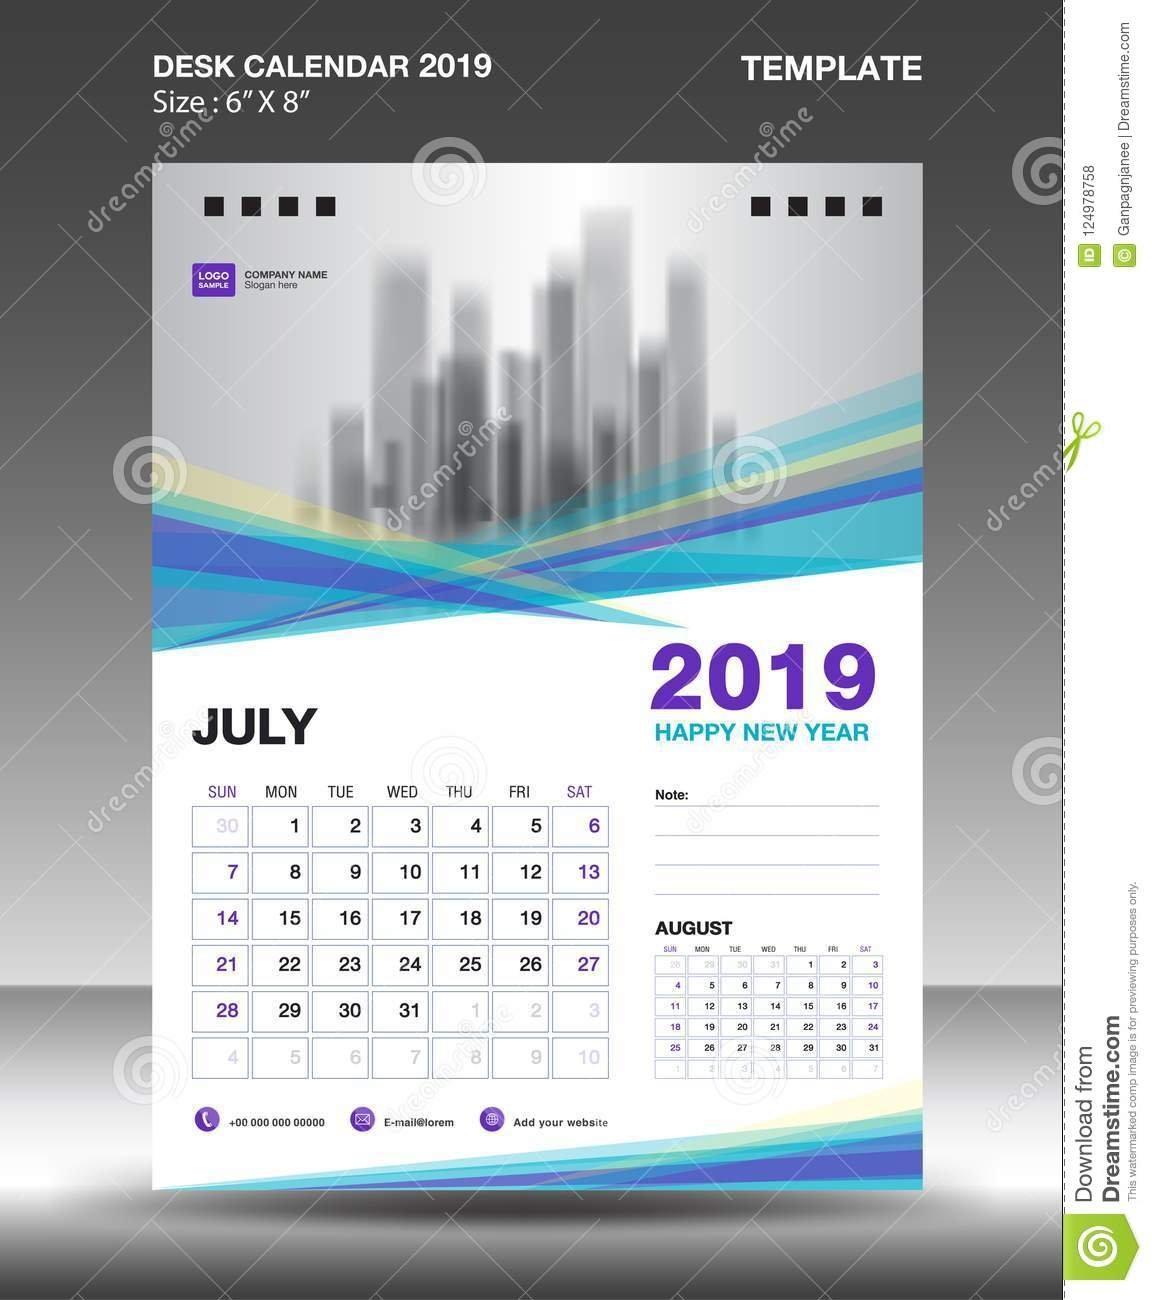 August - Desk Calendar 2019 Template, Flyer Design Vector, Blue Calendar 2019 Design